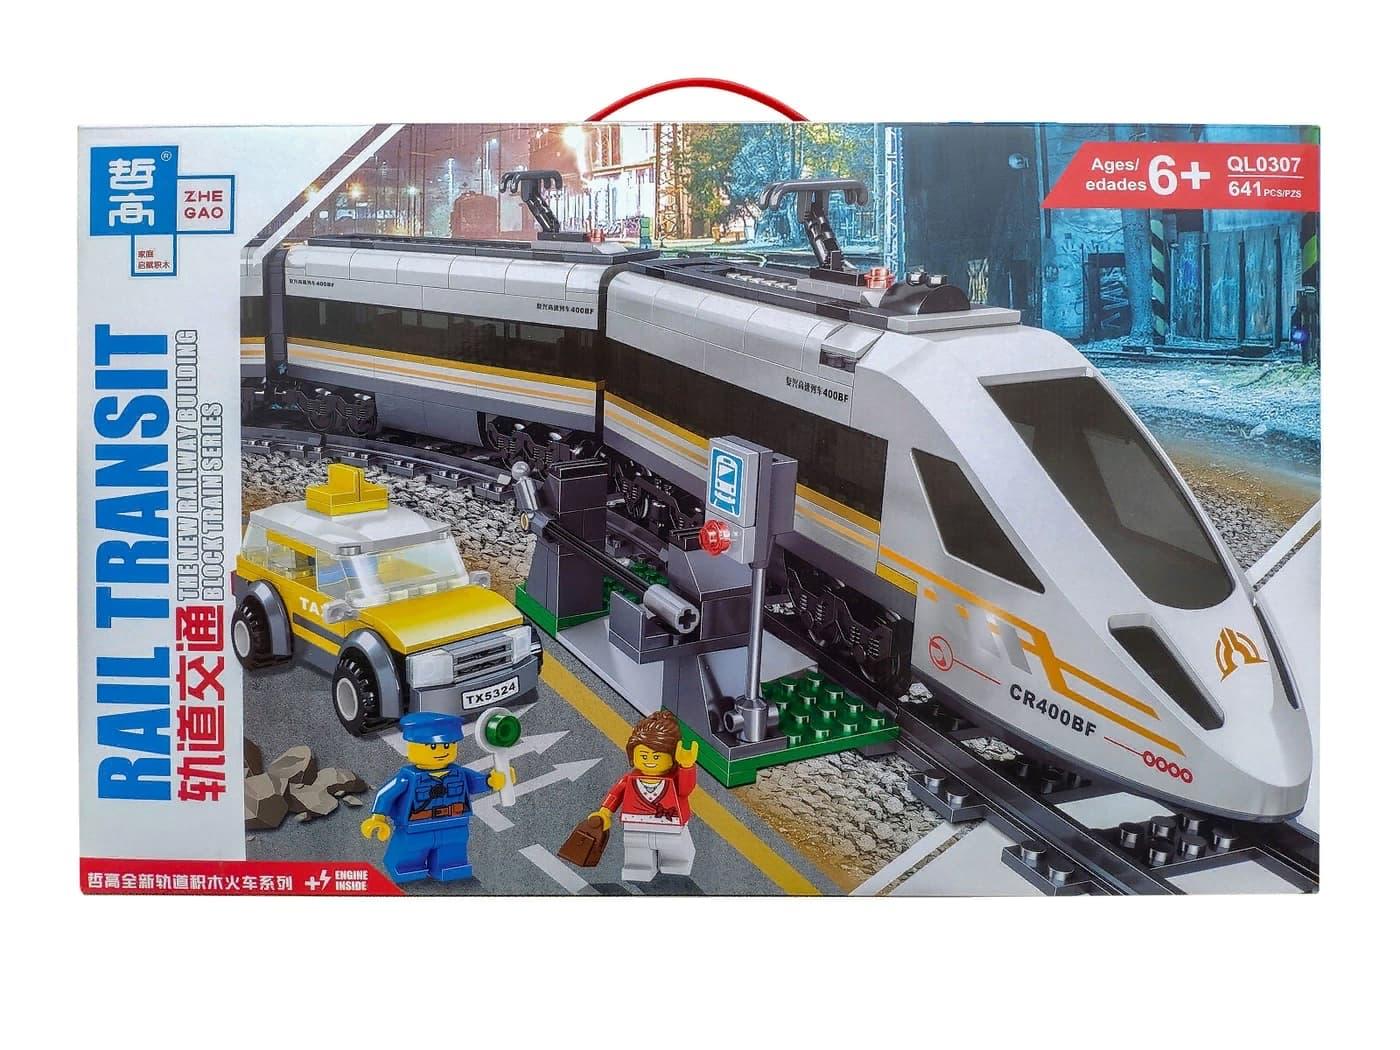 Конструктор Zhe Gao «Скоростной поезд» на аккумуляторе QL0307 / 641 деталь